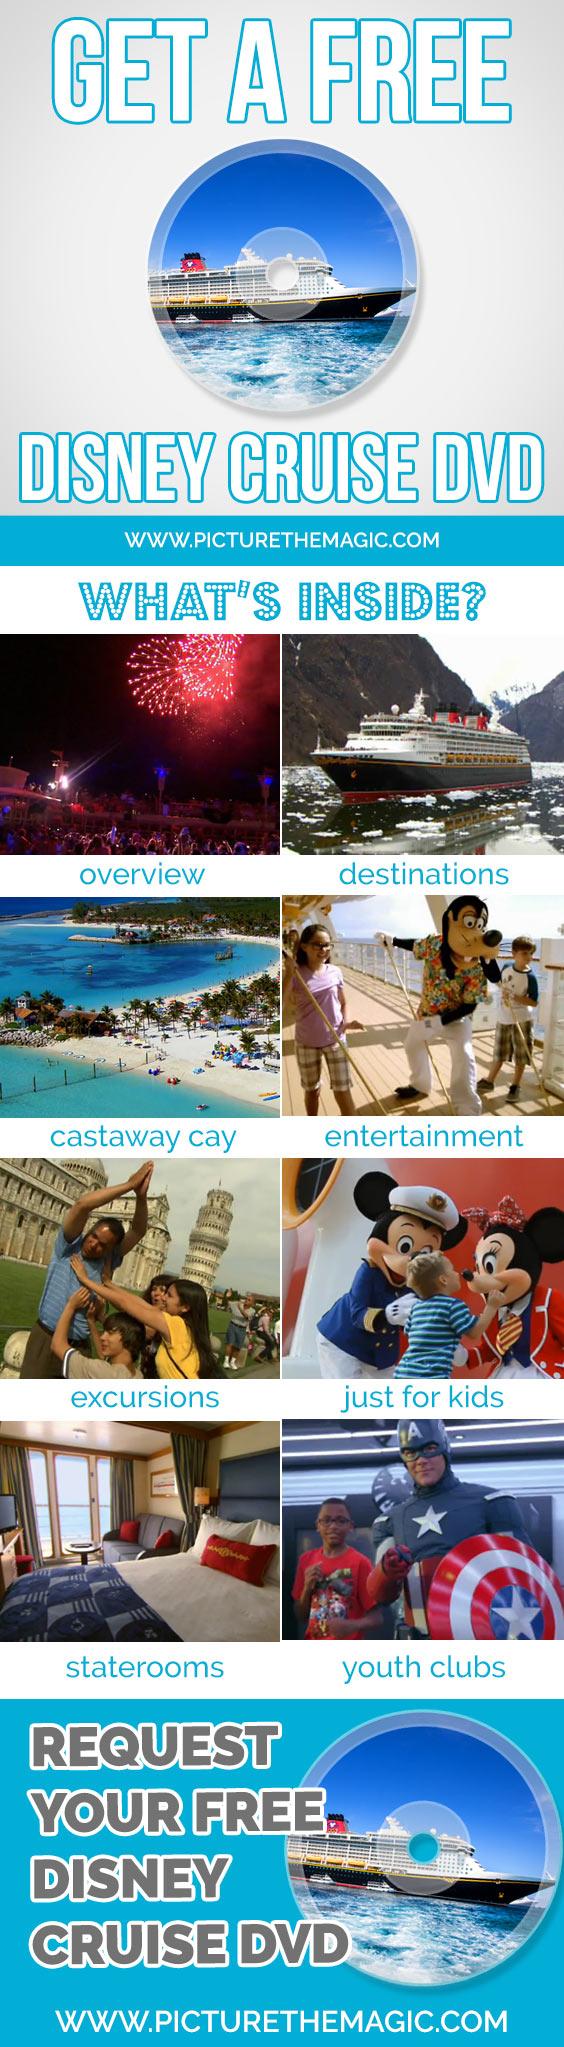 Free Disney Cruise DVD